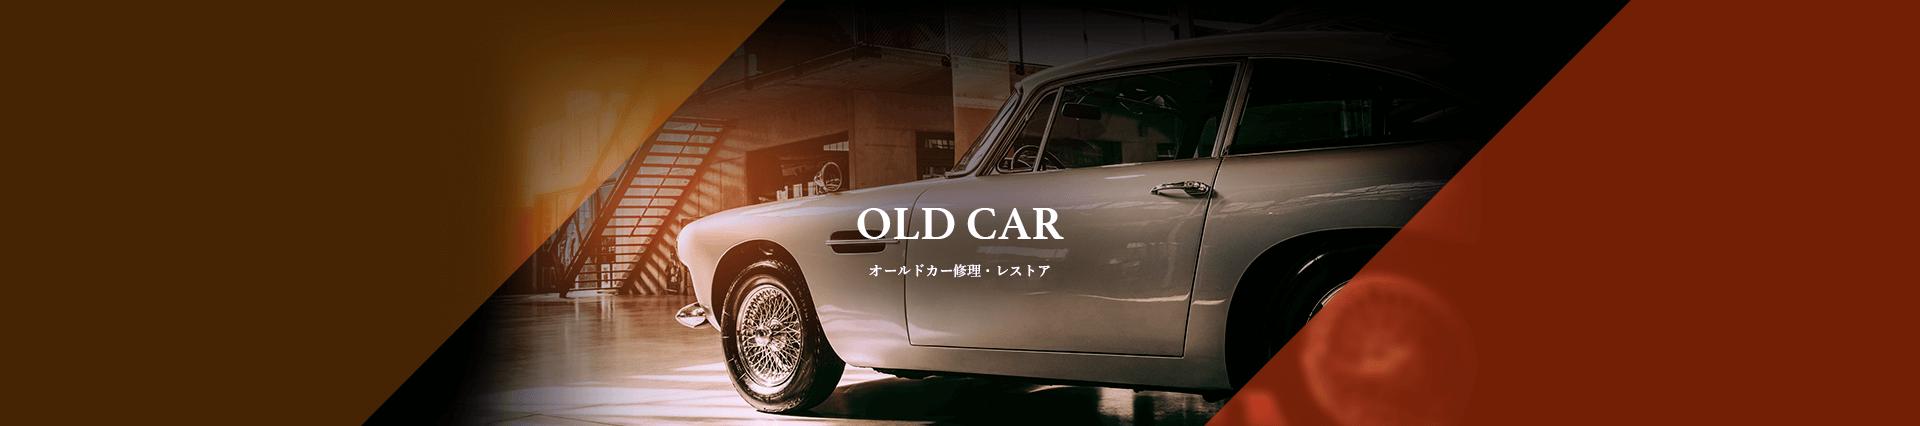 オールドカー|【ロードナイン】旧車・車検・板金塗装専門店